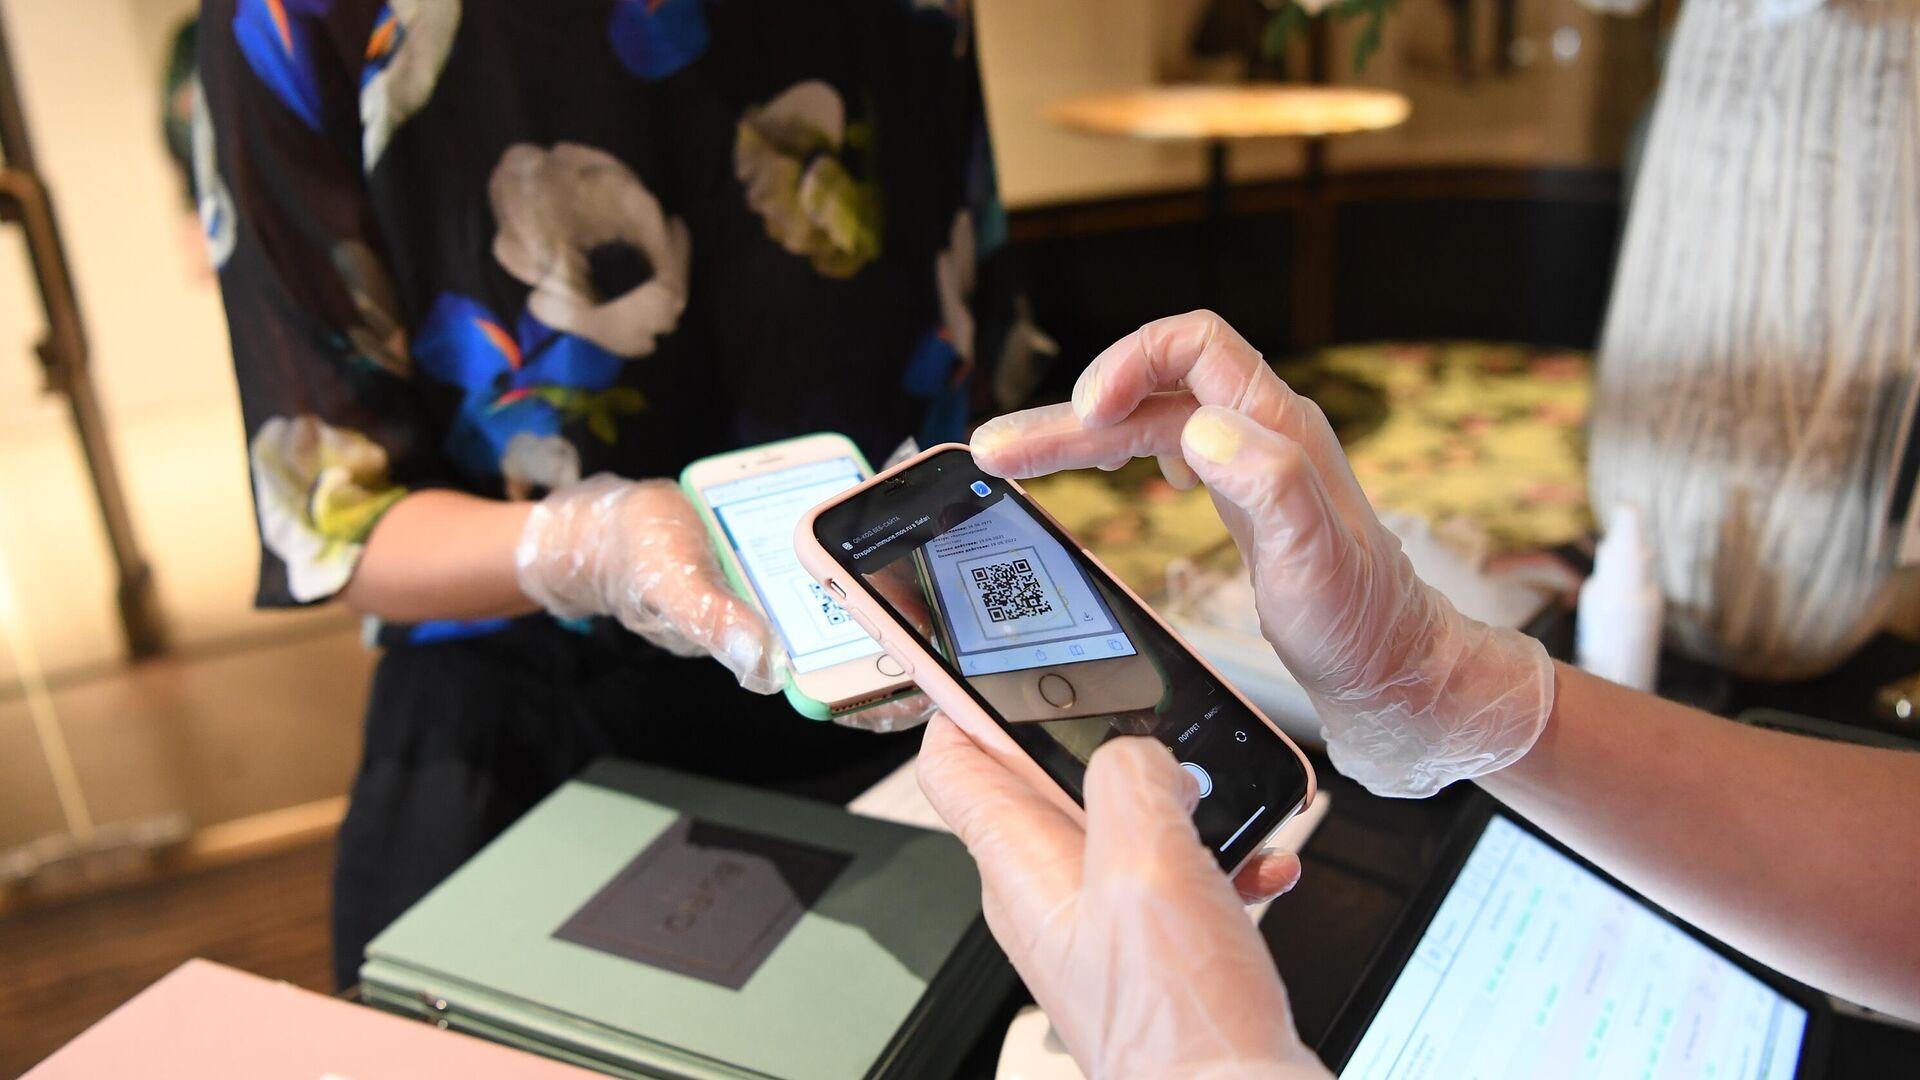 Хостес проверяет наличие и подлинность QR-кода у посетительницы перед посадкой за столик в ресторане BURO TSUM в Москве - РИА Новости, 1920, 06.07.2021